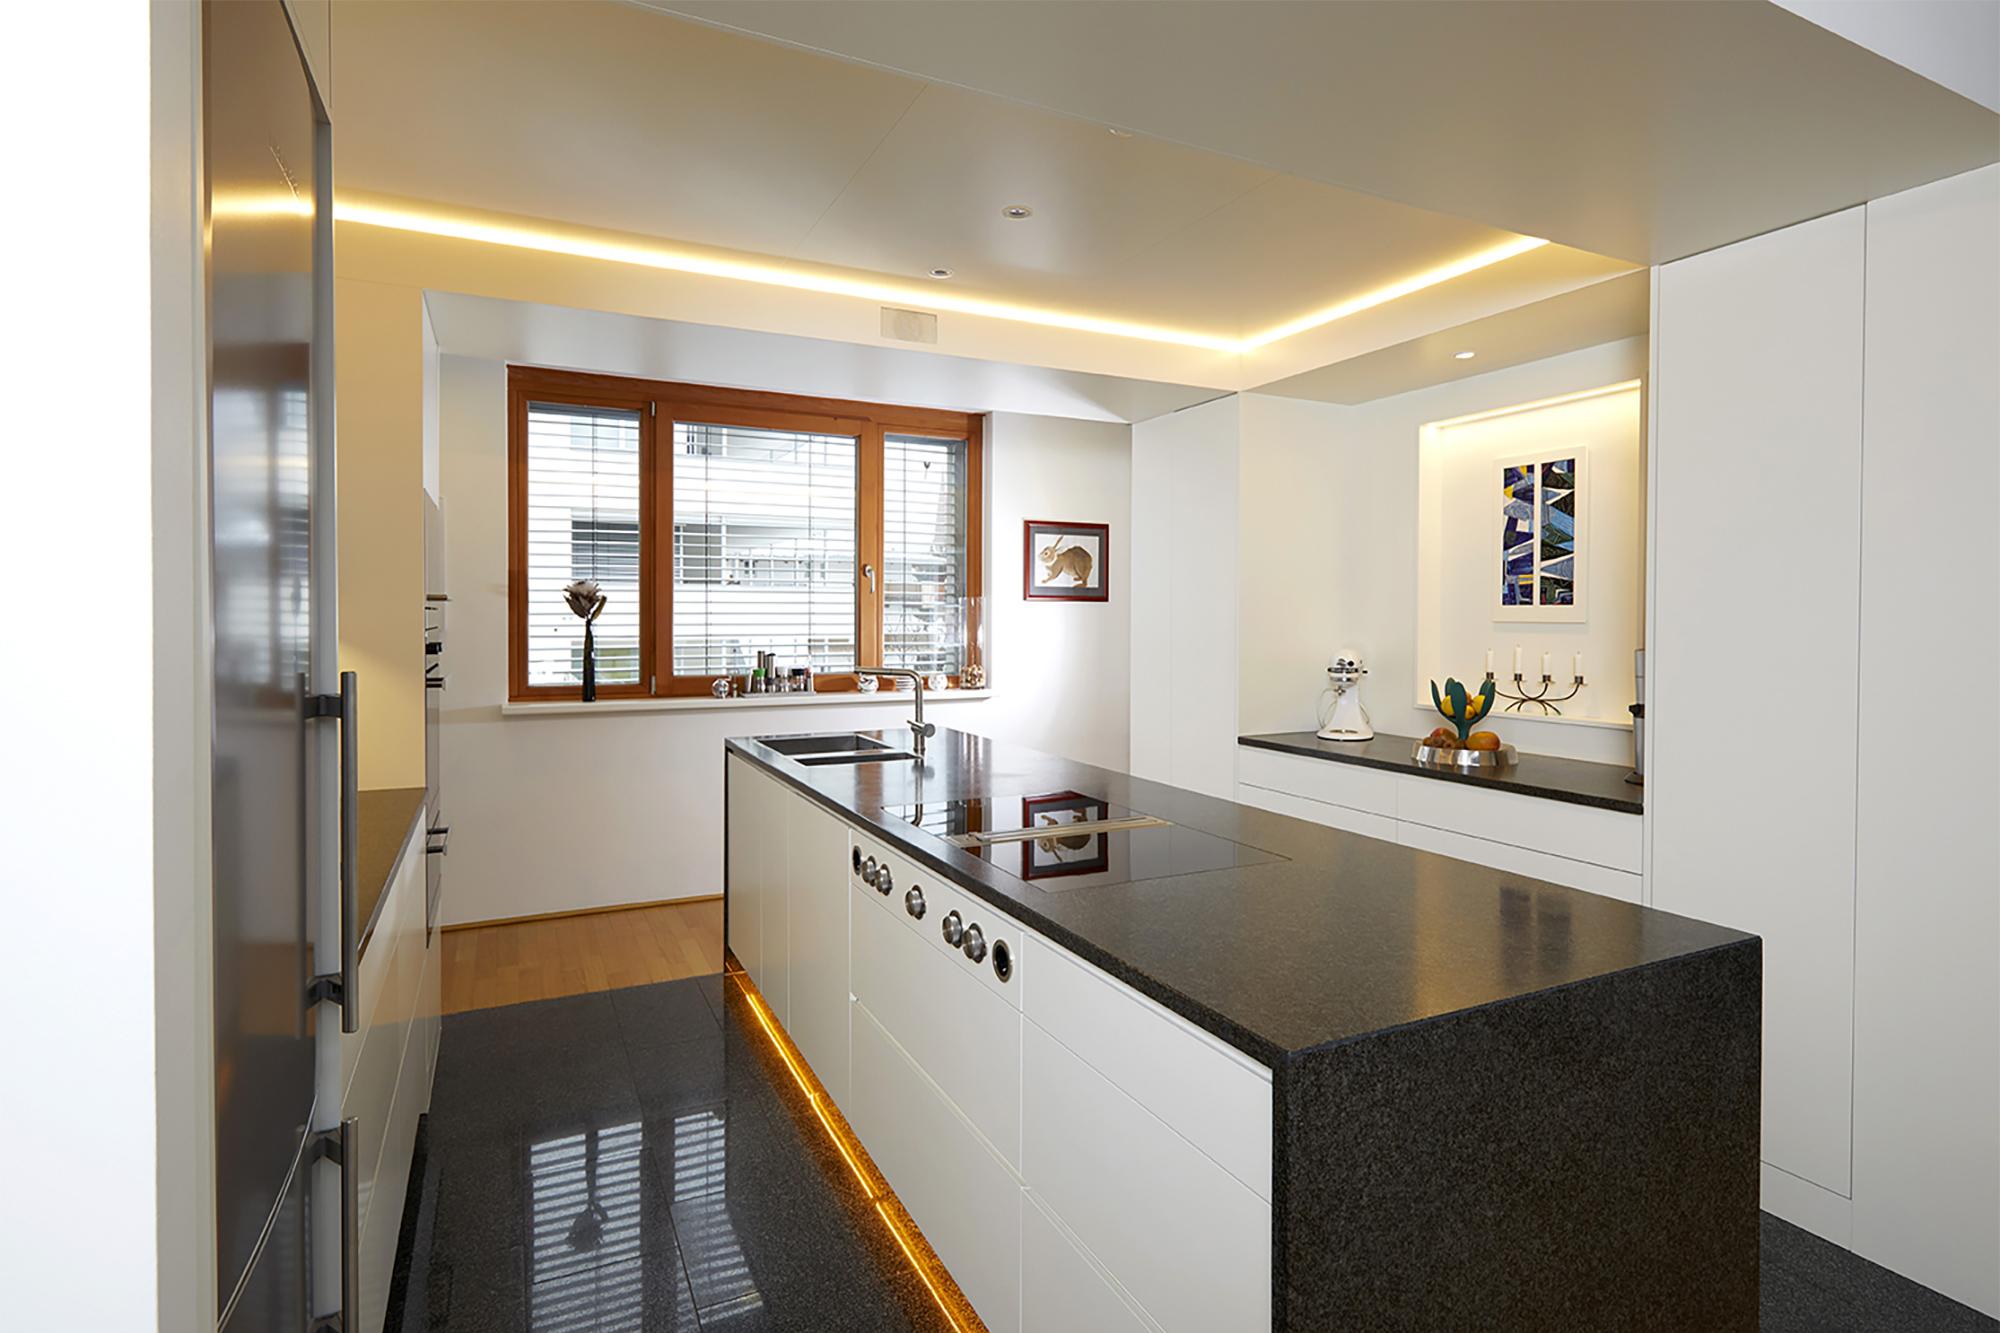 Tischlerei Stöckl Ebbs Inneneinrichtung Küche Bora Professional Quooker Schränke Kücheninsel